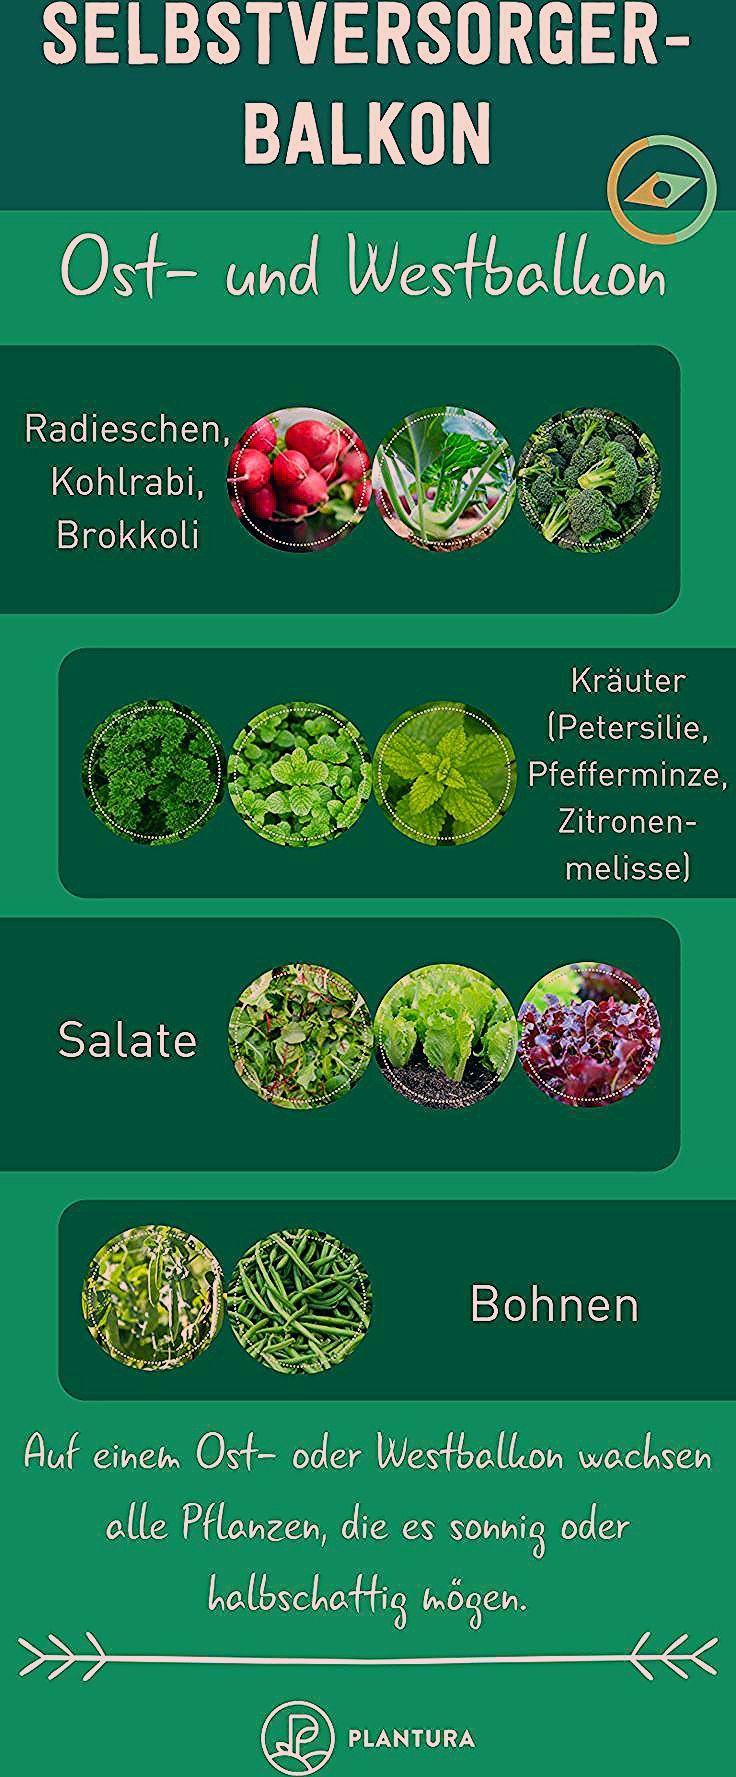 Photo of Selbstversorger-Balkon: Welche Pflanze für welchen Balkon? – Plantura